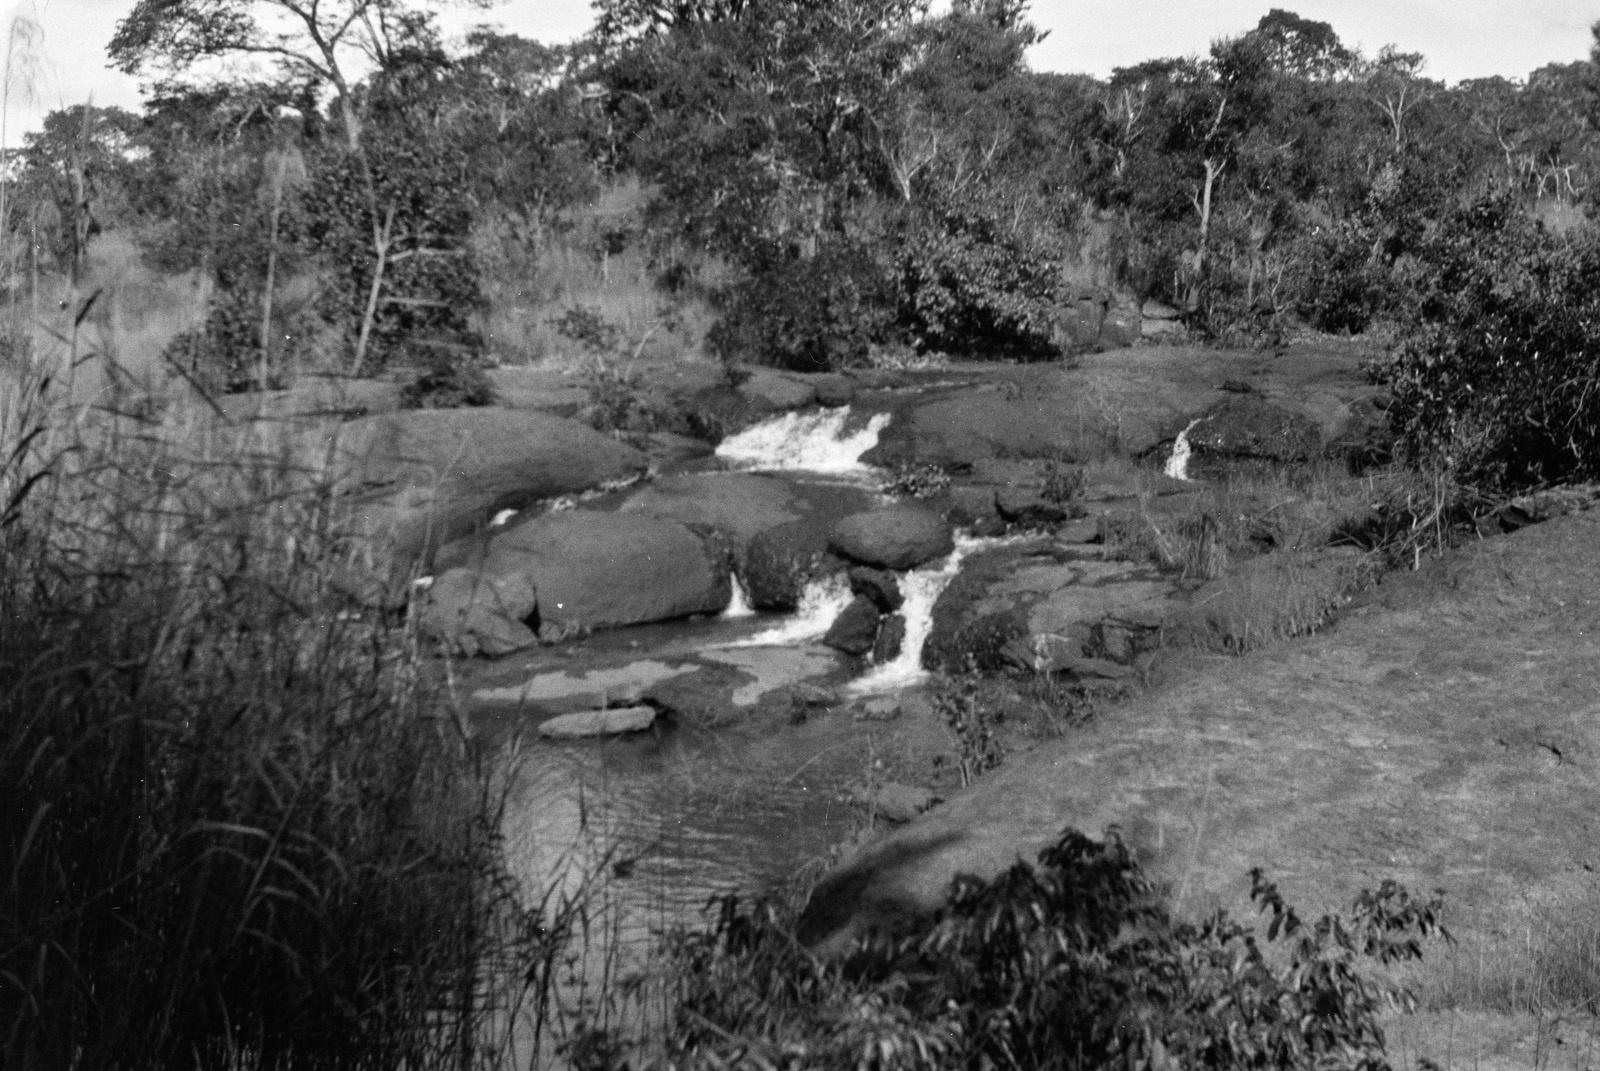 Между Капири Мпоши и рекой Лунсемфва. Водопад на притоке Лунсемфвы, в нескольких метрах выше устья